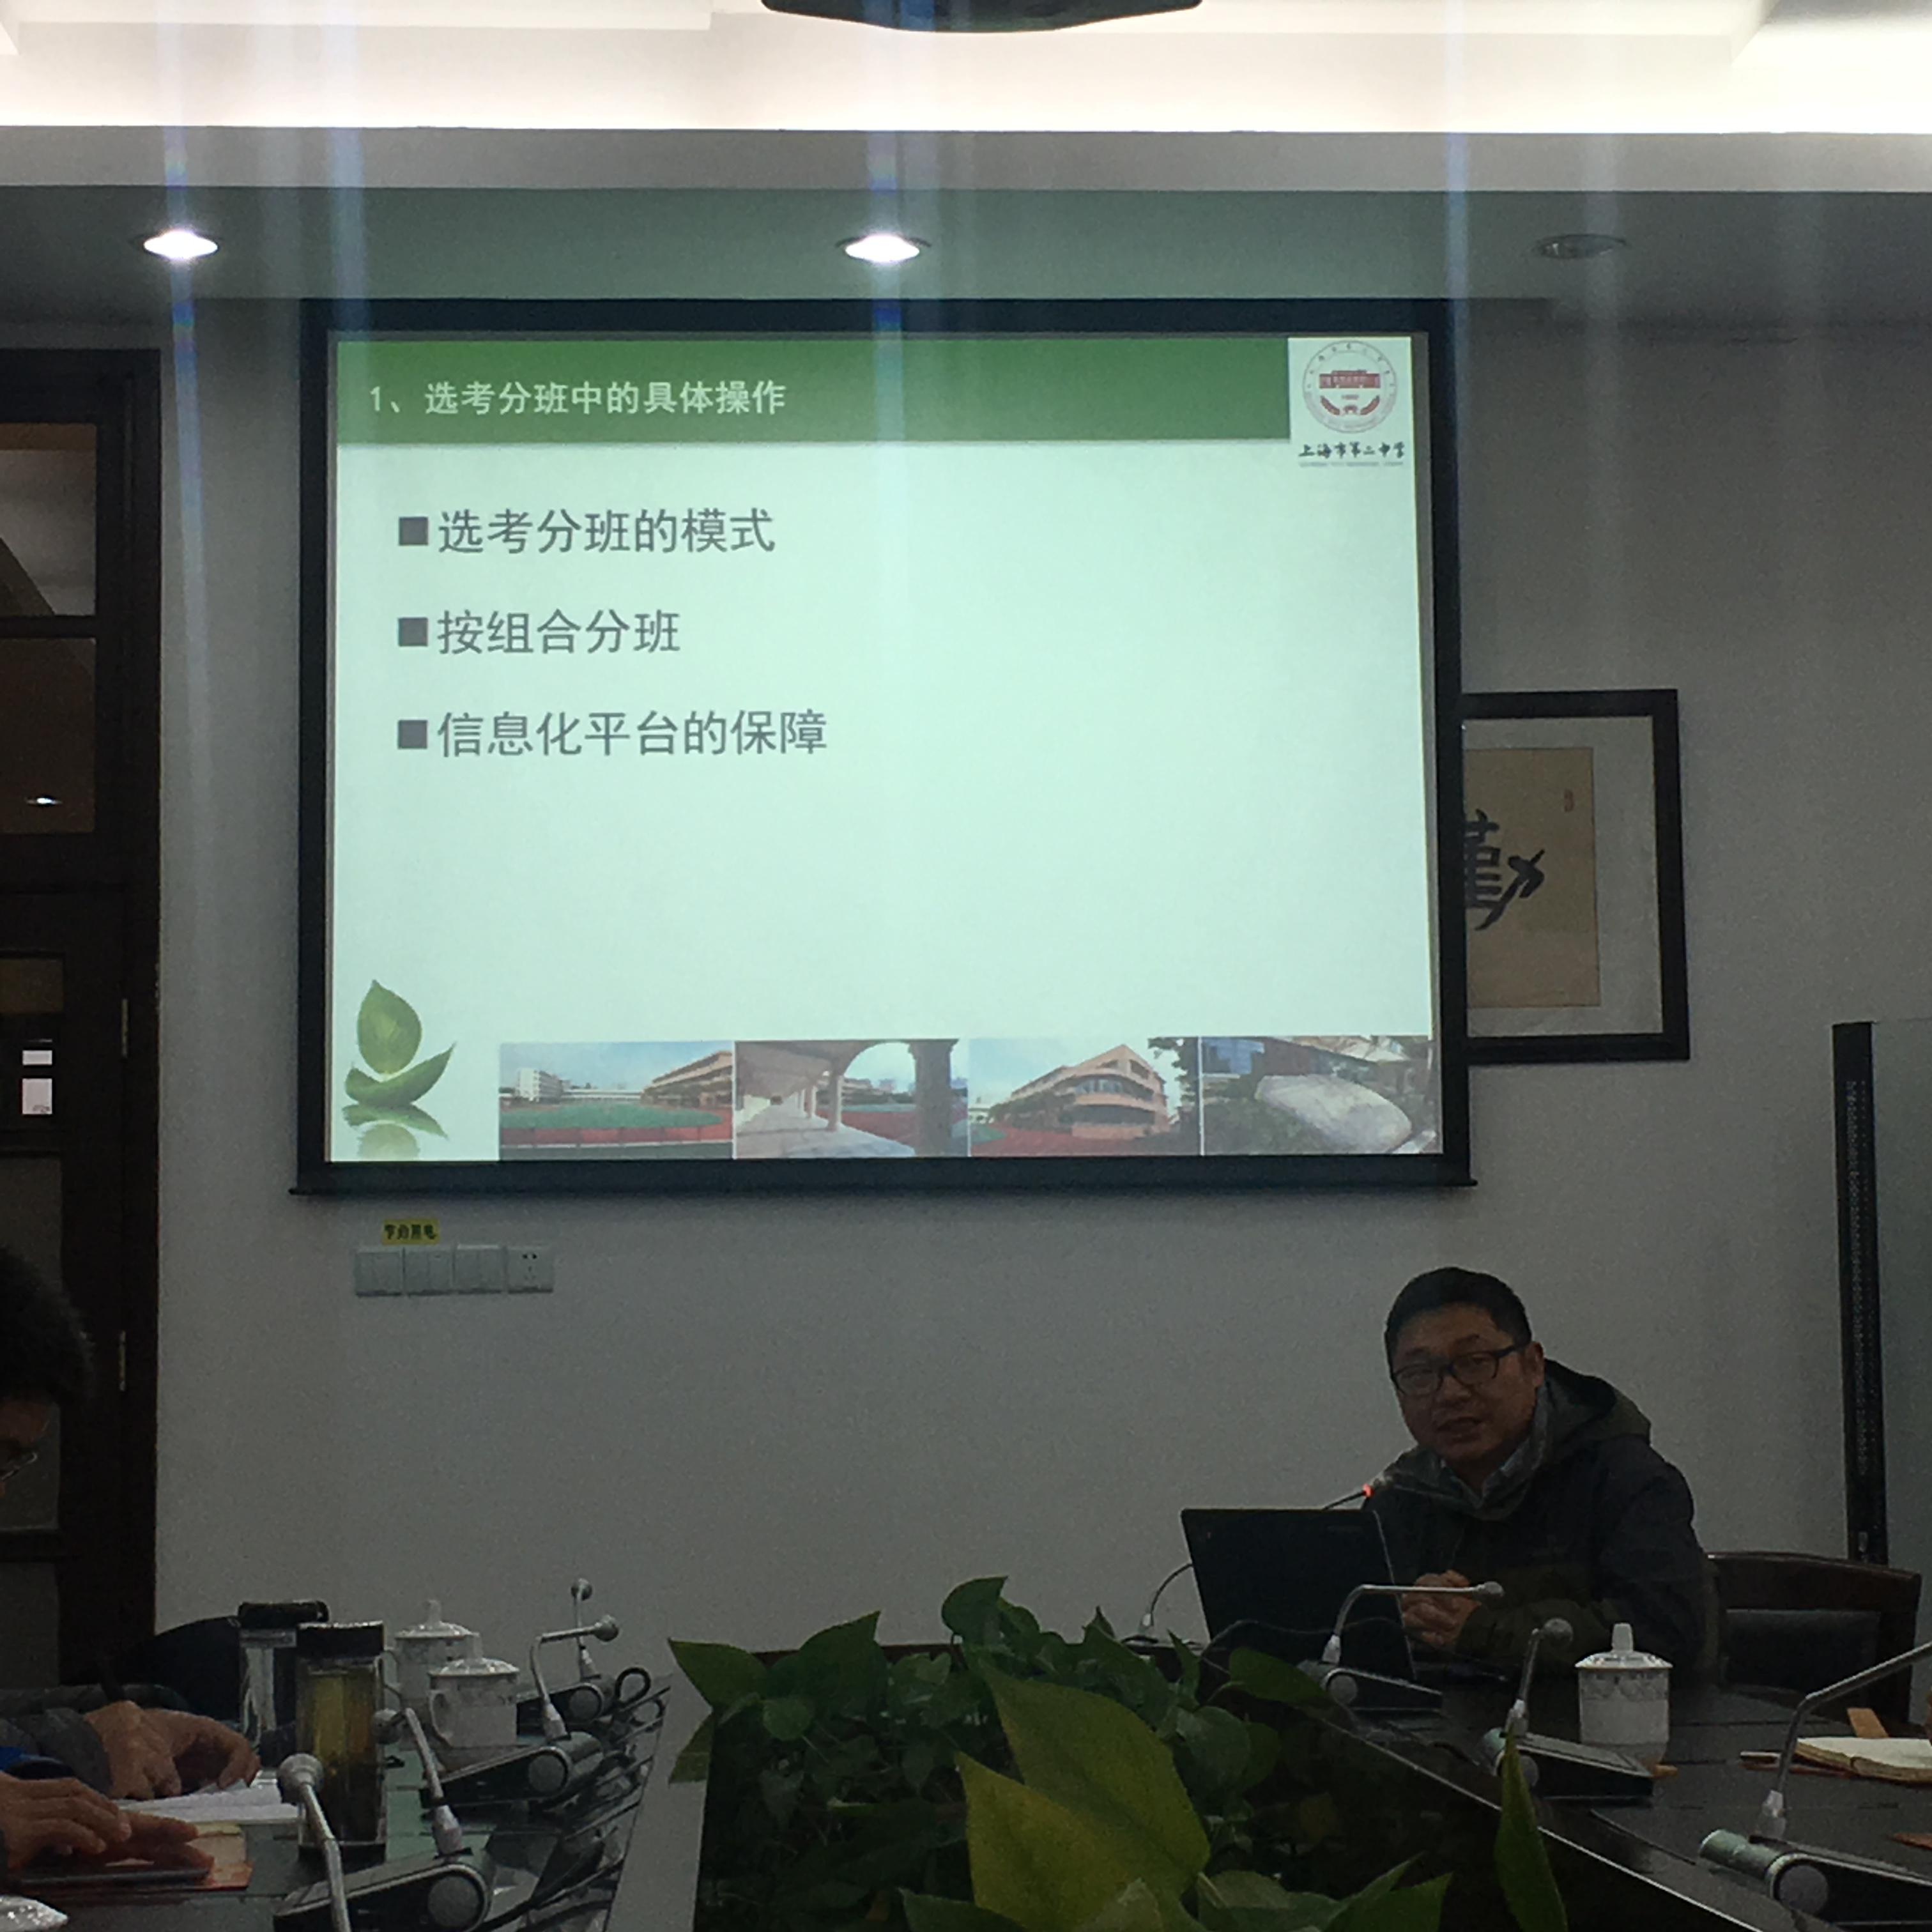 上海二中胡主任作报告.jpg